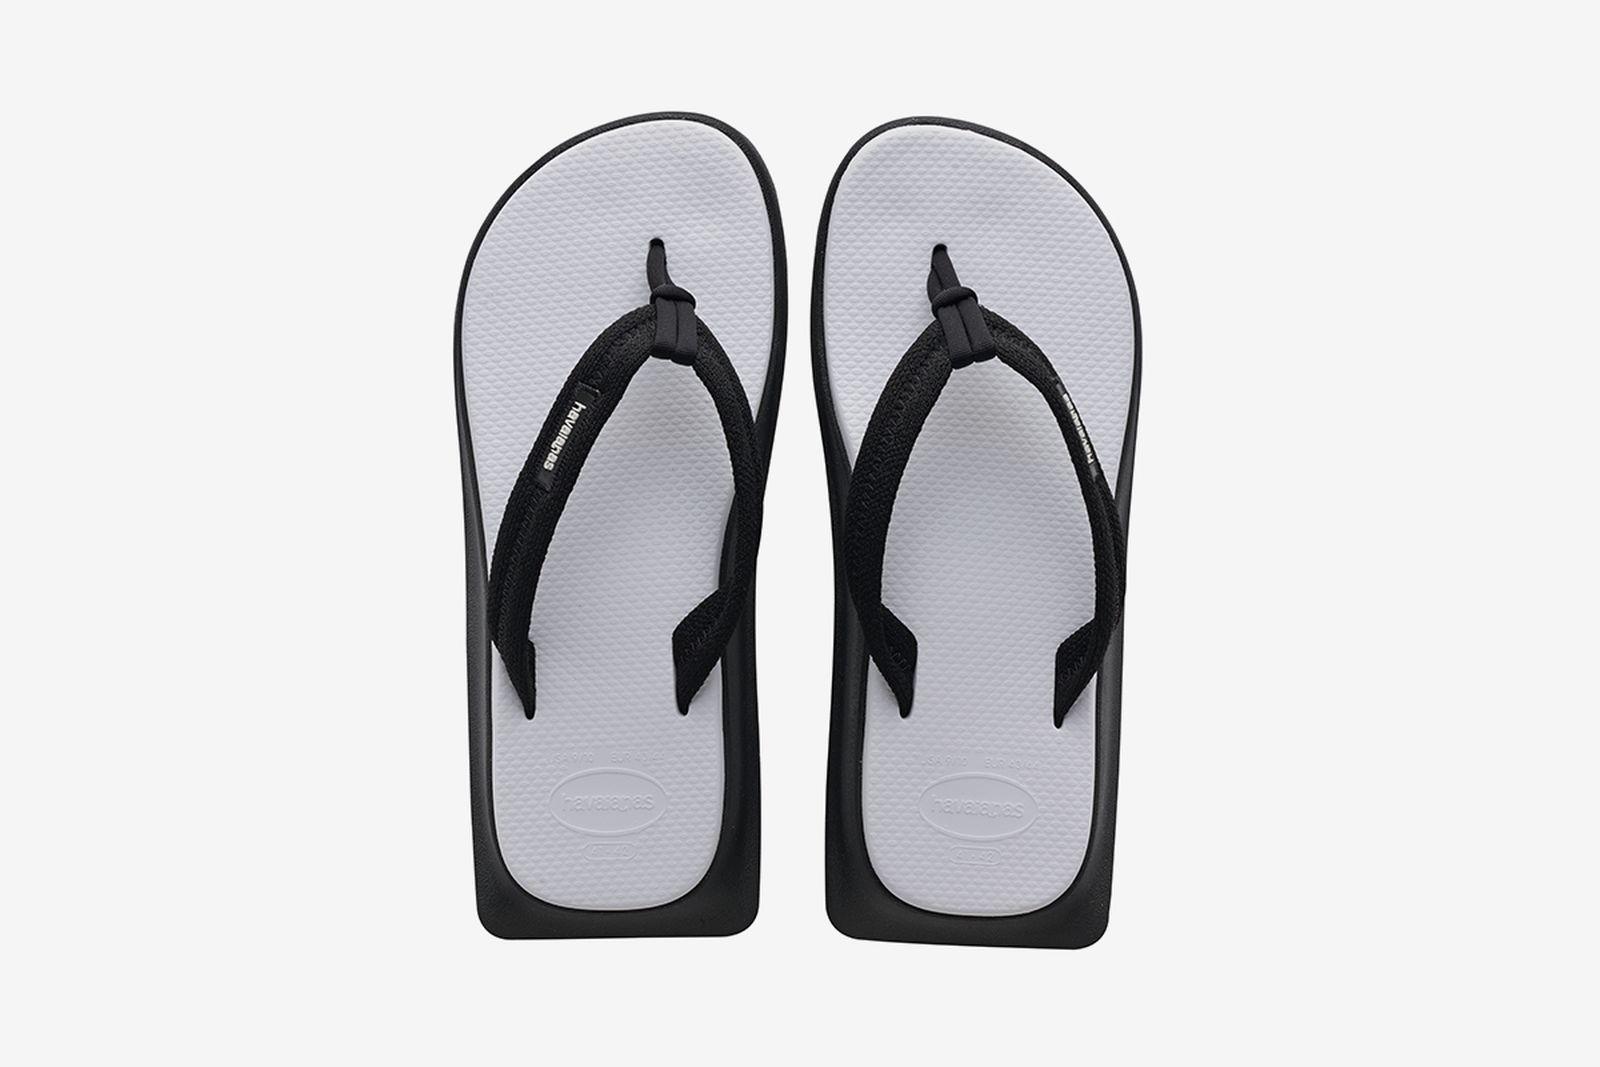 havaianas-tradi-zori-release-date-price-10